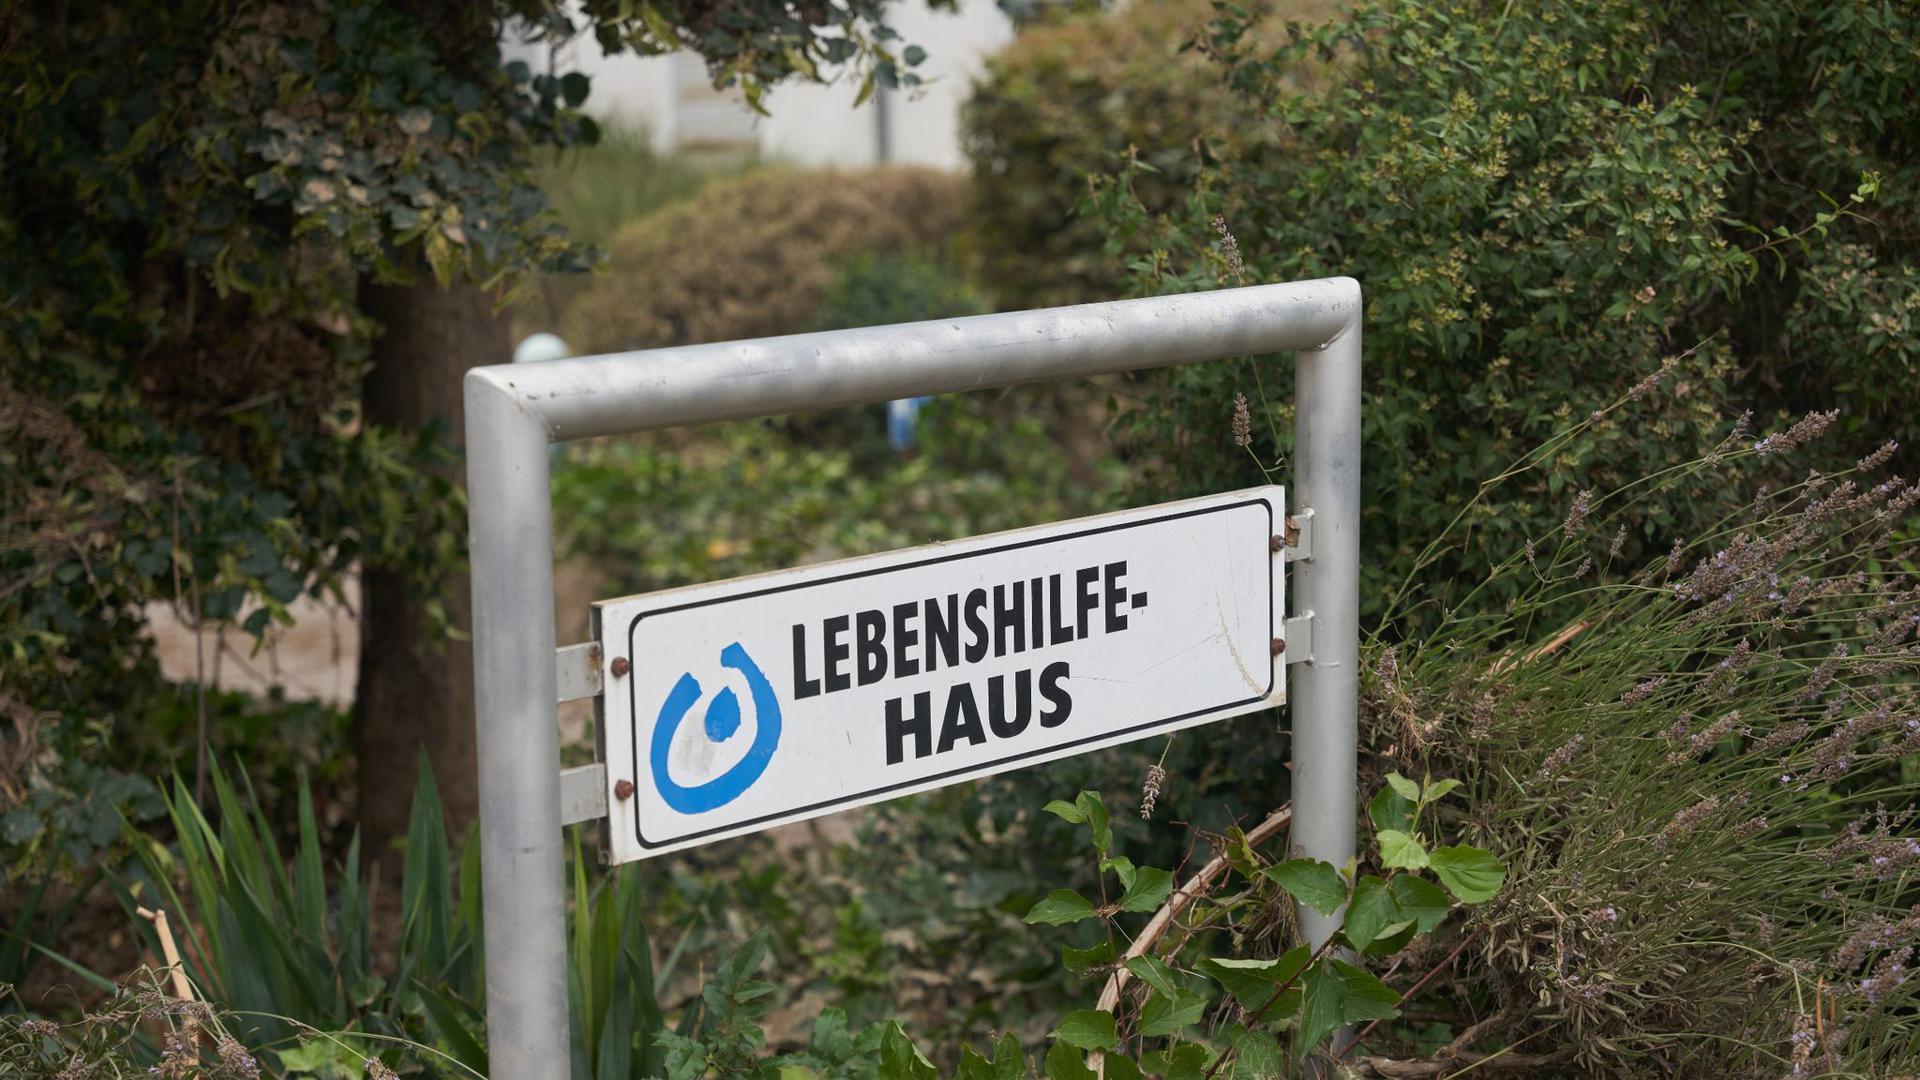 Das Schild vor dem Behindertenwohnheim Lebenshilfe-Haus. Starkregen führte auch hier zu extremen Überschwemmungen. Aufgrund des schnell steigenden Wassers konnten zwölf Menschen nicht mehr vor den Fluten der Ahr gerettet werden.